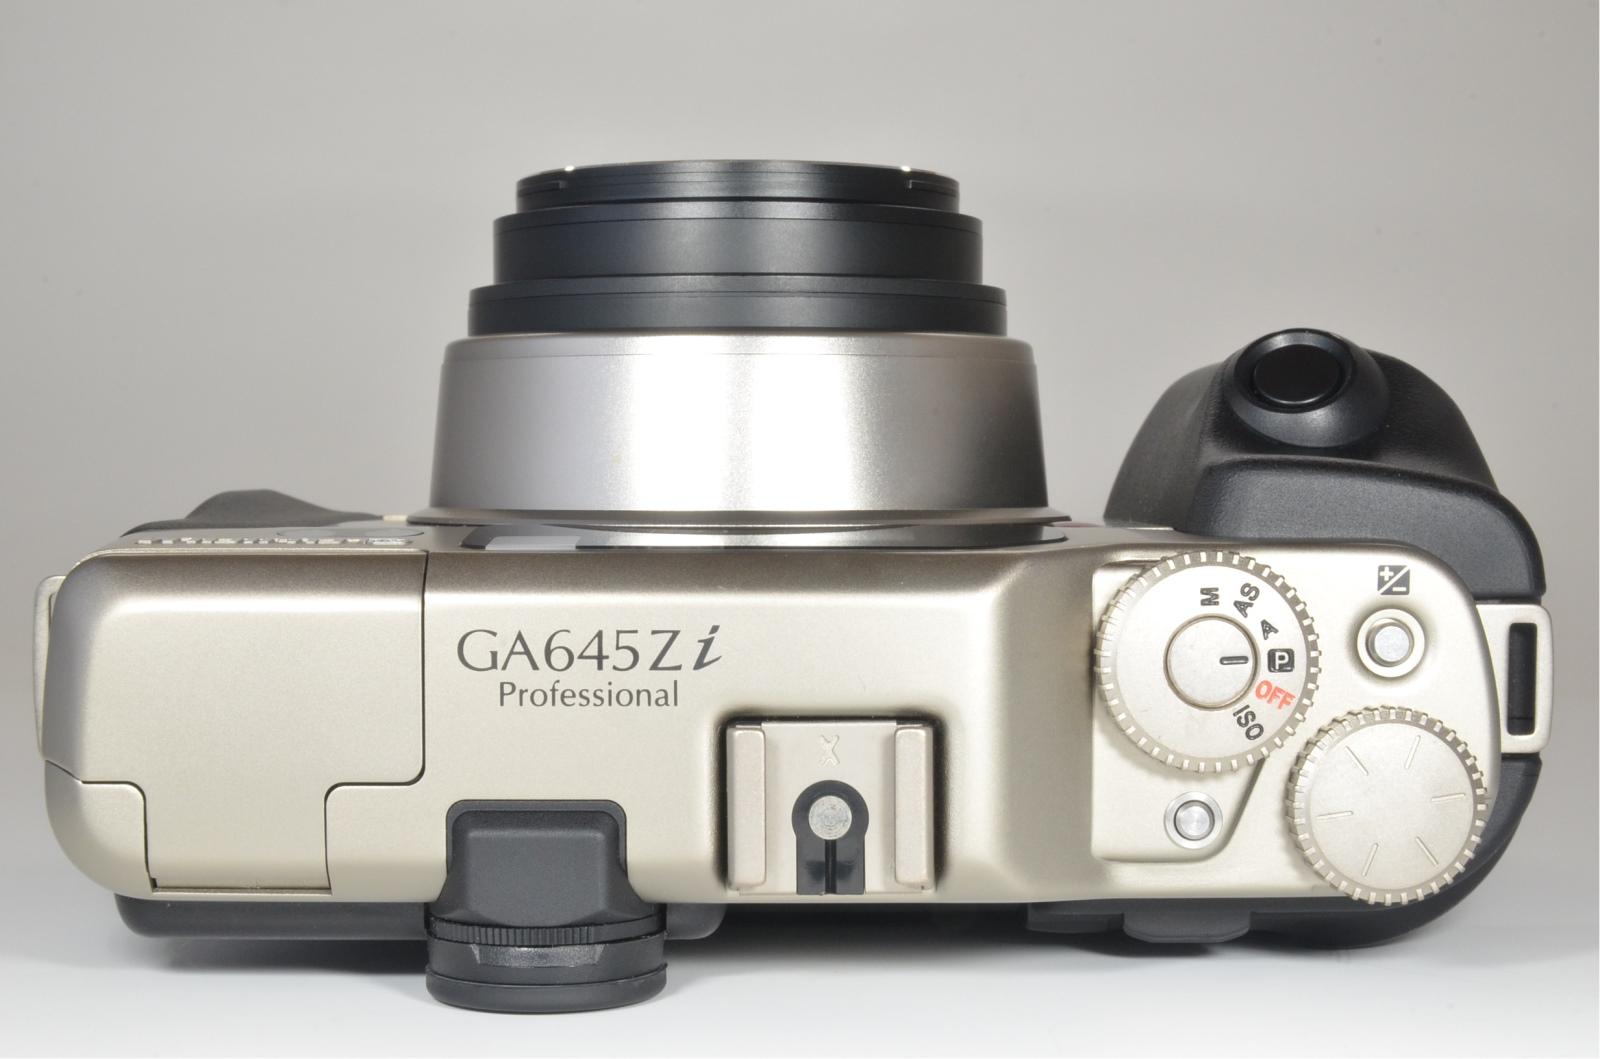 fujifilm ga645zi professional silver zoom 55-90mm f4.5-6.9 count 600